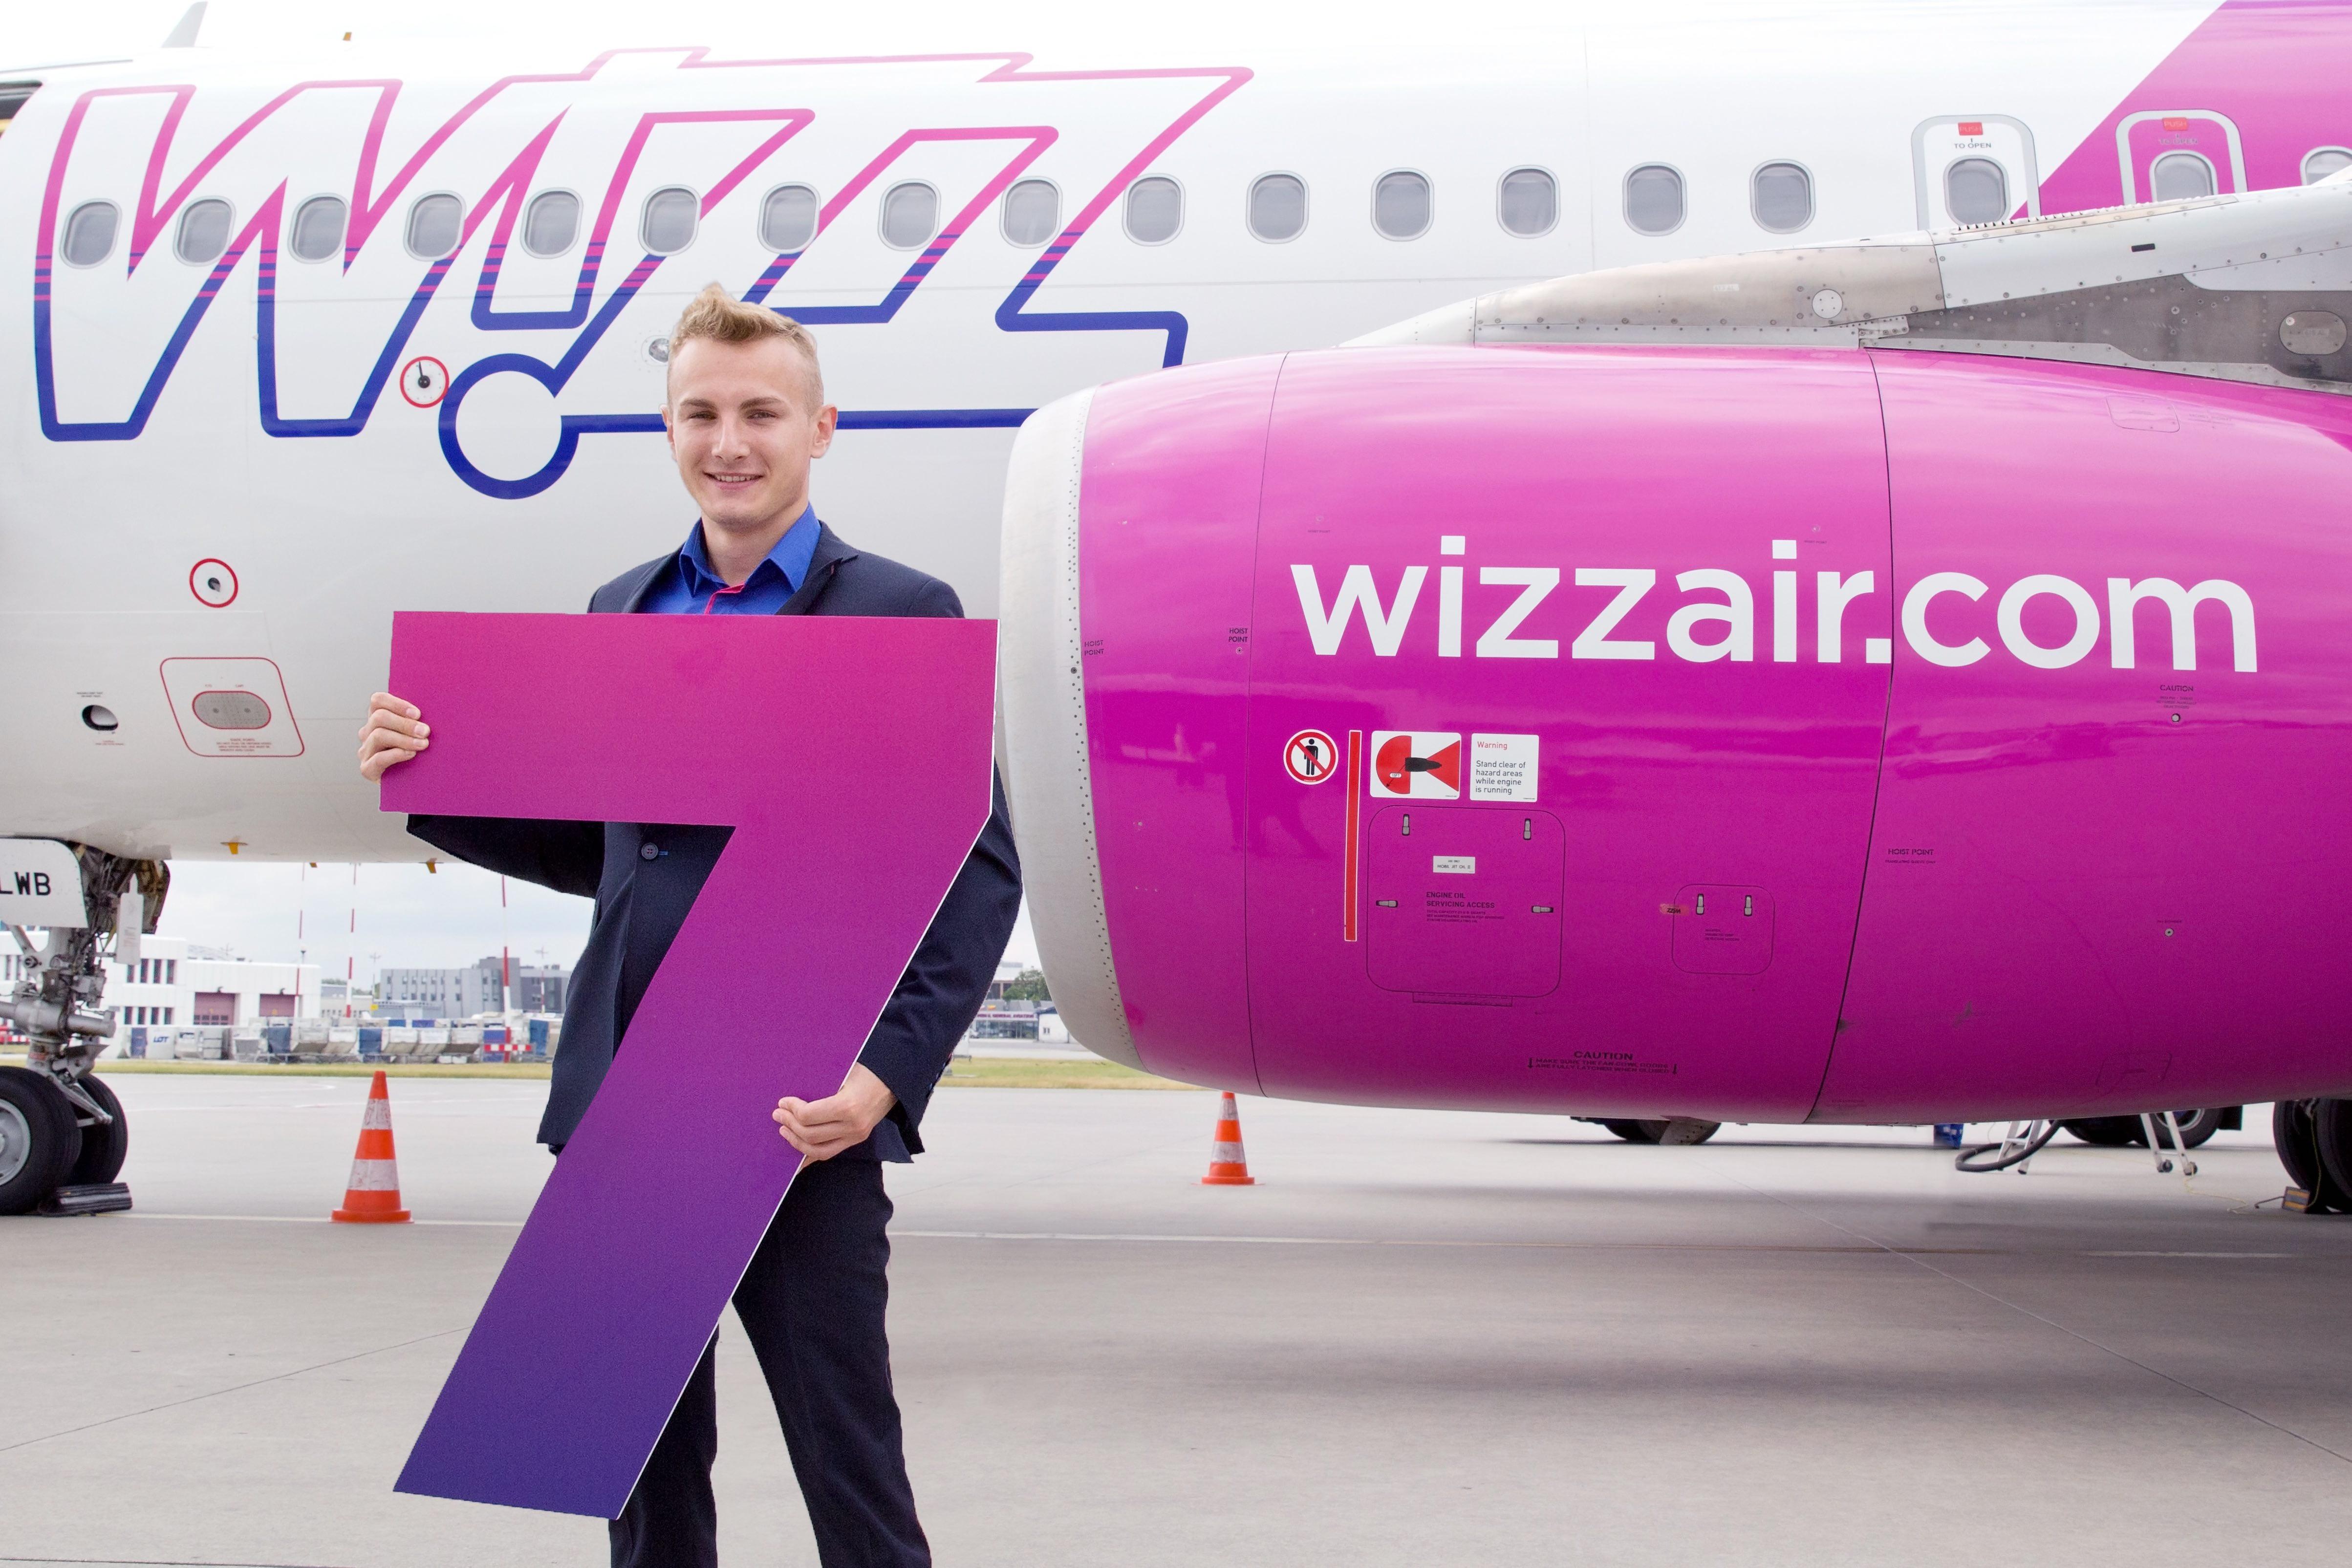 7. samolot Wizz w bazie w Warszawie